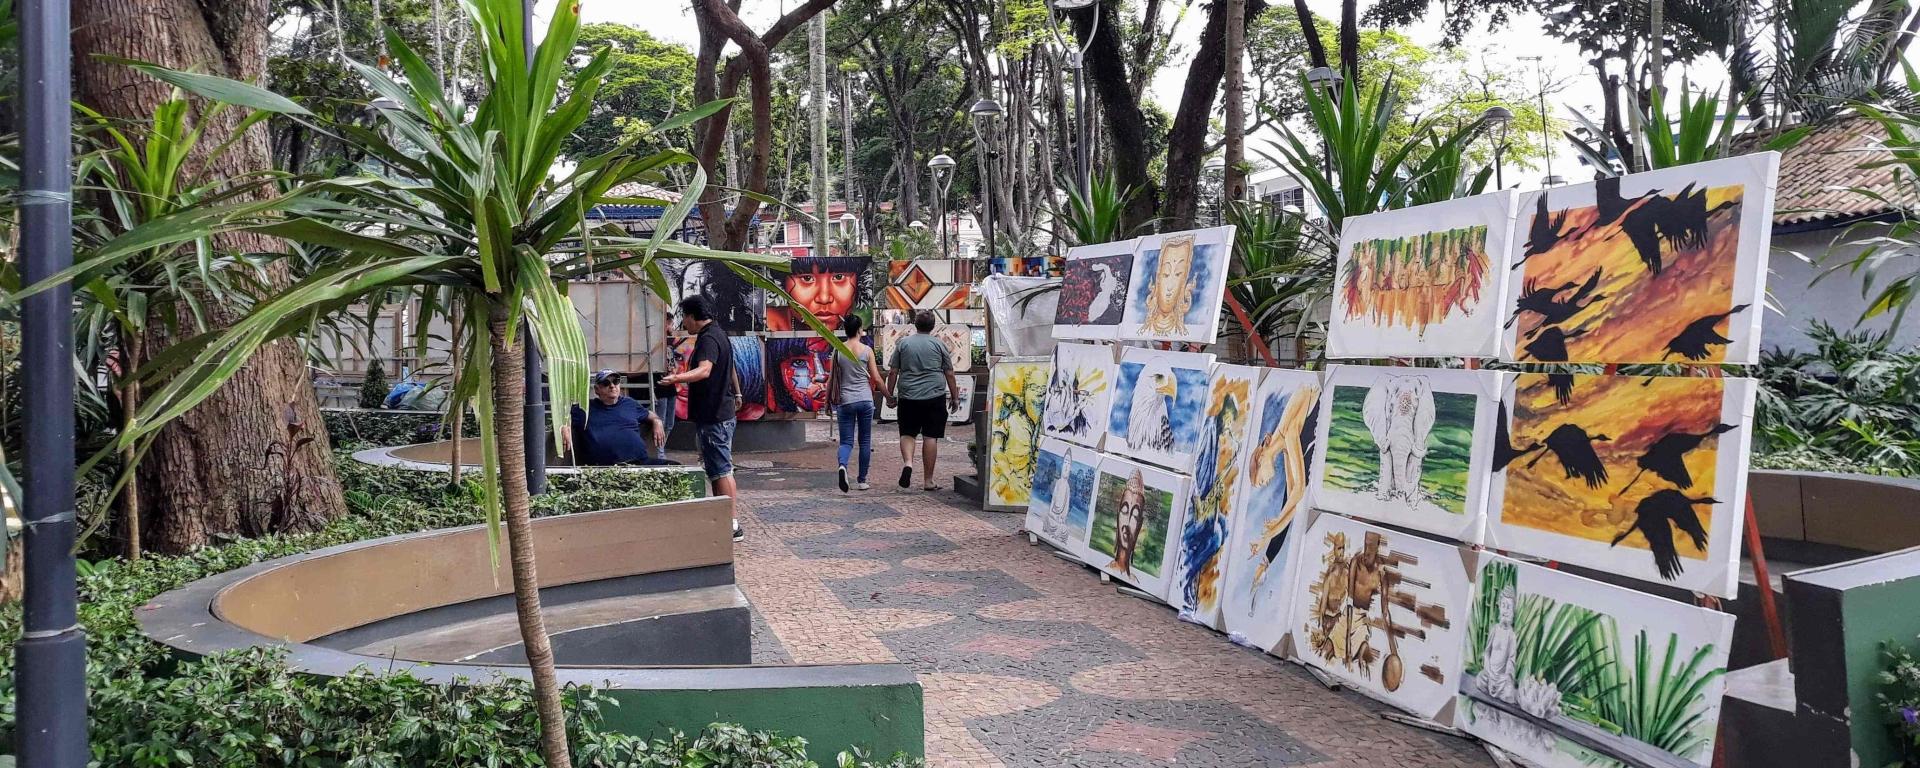 Embu das Artes - Feira de Artes e Artesanato